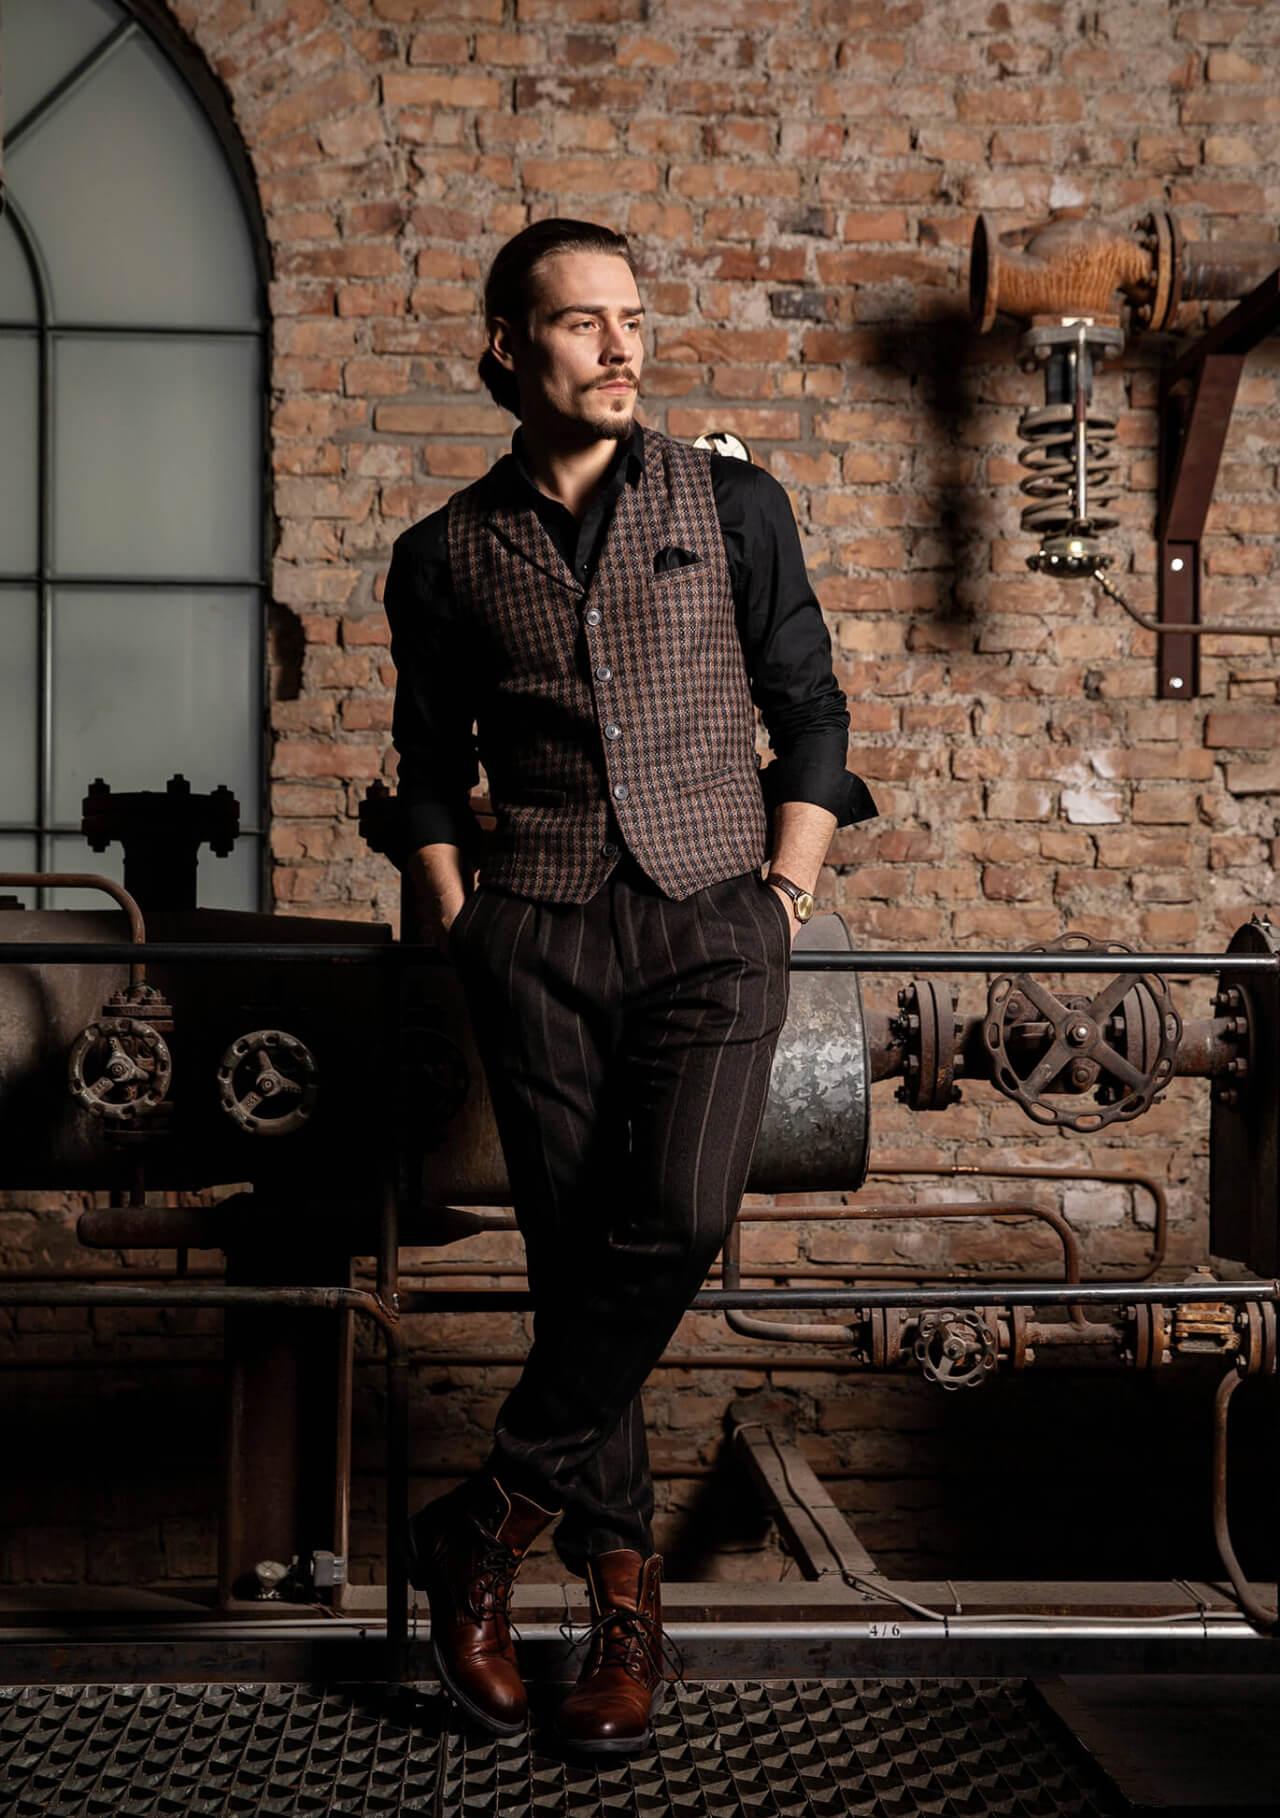 Hochwertige Designer Herrenweste / Gilet mit Kragen von DORNSCHILD mit edlem braun-schwarzen Muster aus feinstem italienischen Stoff.